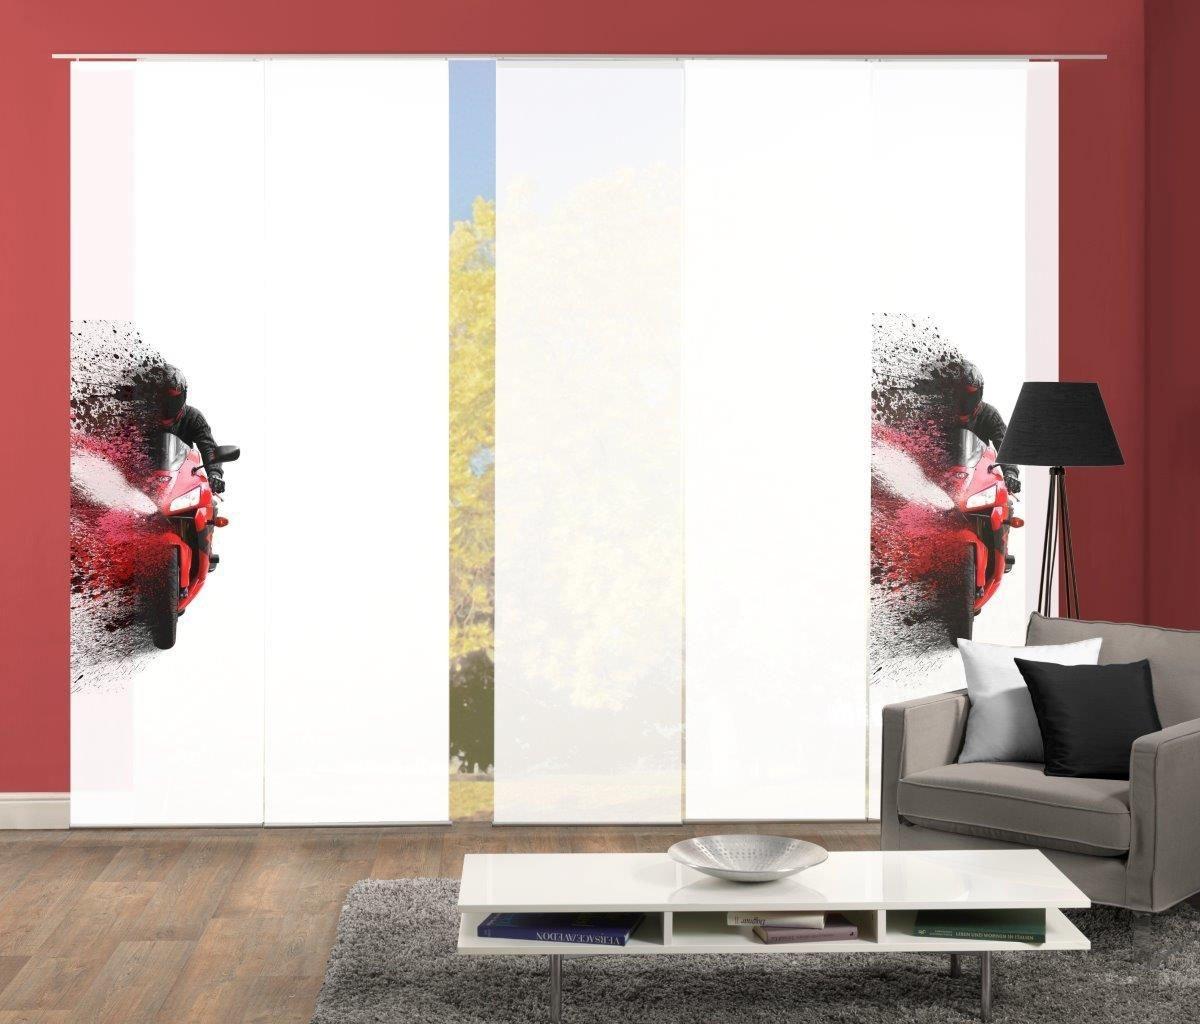 HOME WOHNIDEEN Paneelgordijn AKIDO 5er SET Gordijnstof in zijde-look, digitaal bedrukt (5 stuks) online kopen op otto.nl